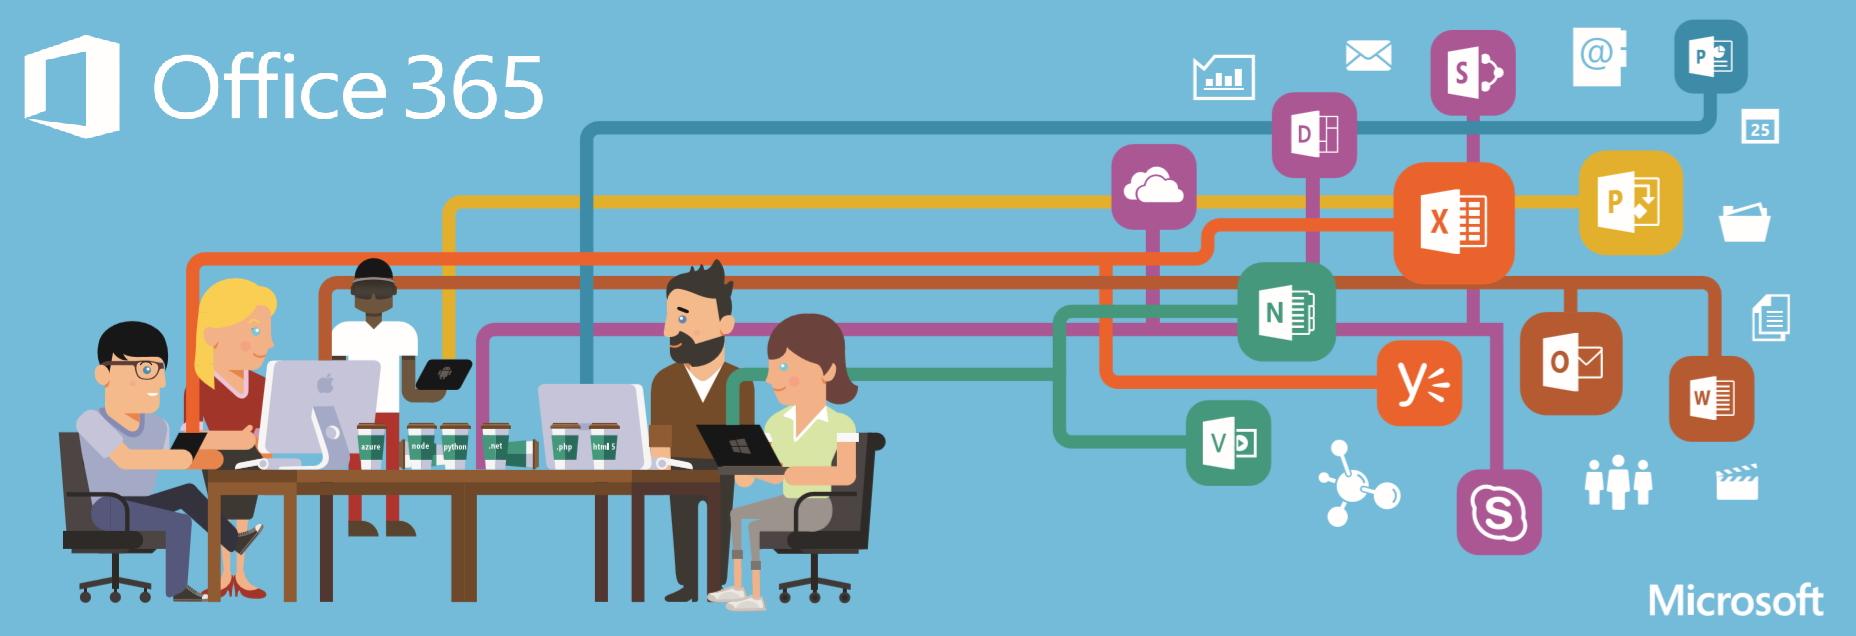 怎麼導入 Office 365 並設定重要功能?一次報給你知!